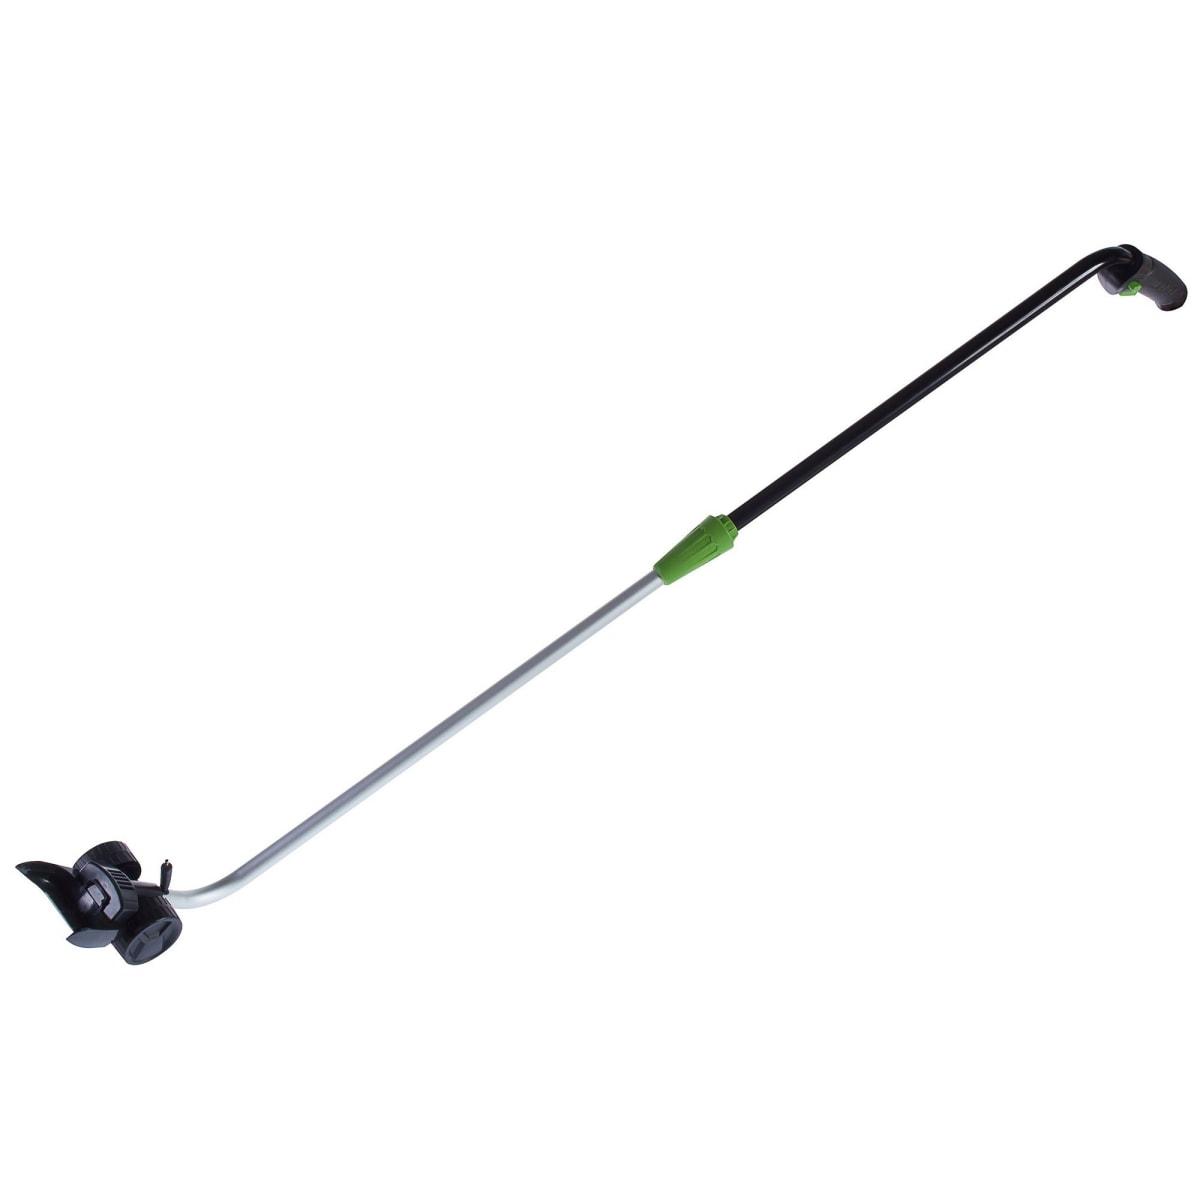 Ручка телескопическая для аккумуляторных ножниц Sterwins GS LI-2 3.6